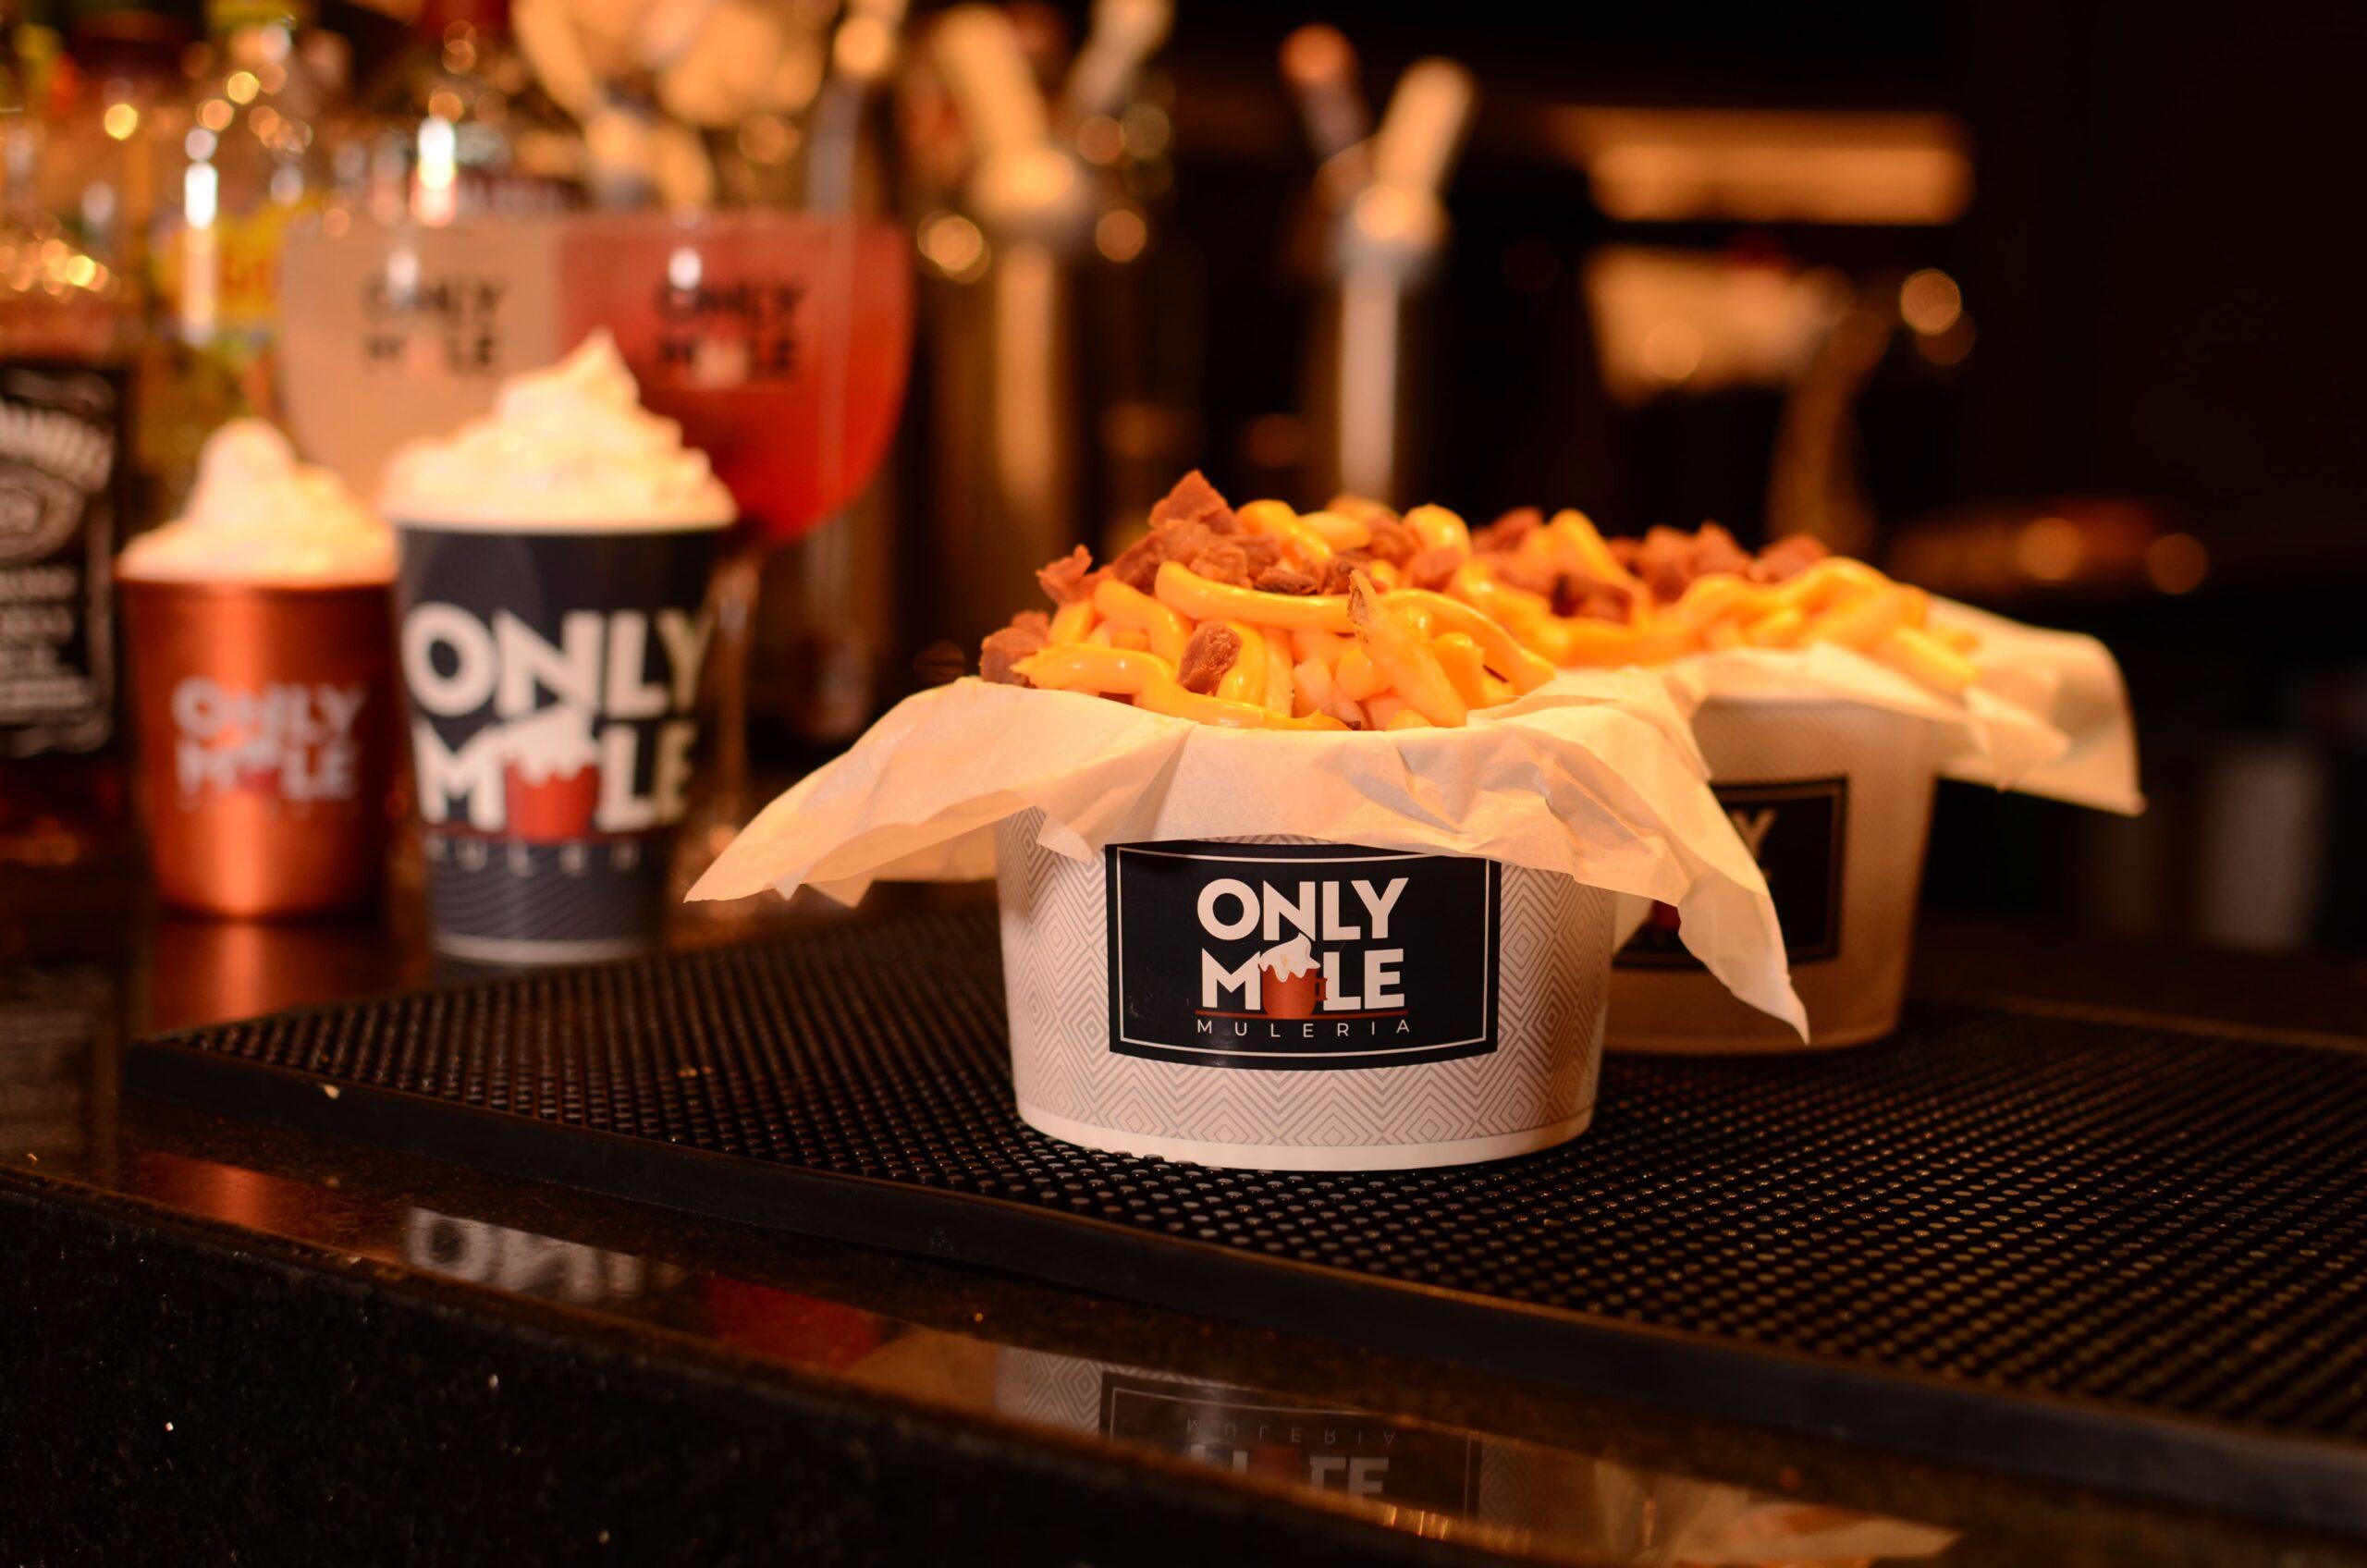 Imagem de uma porção de petiscos em um balde escrito Only Mule e uma caneca ao fundo escrito Only Mule e com espuma branca.